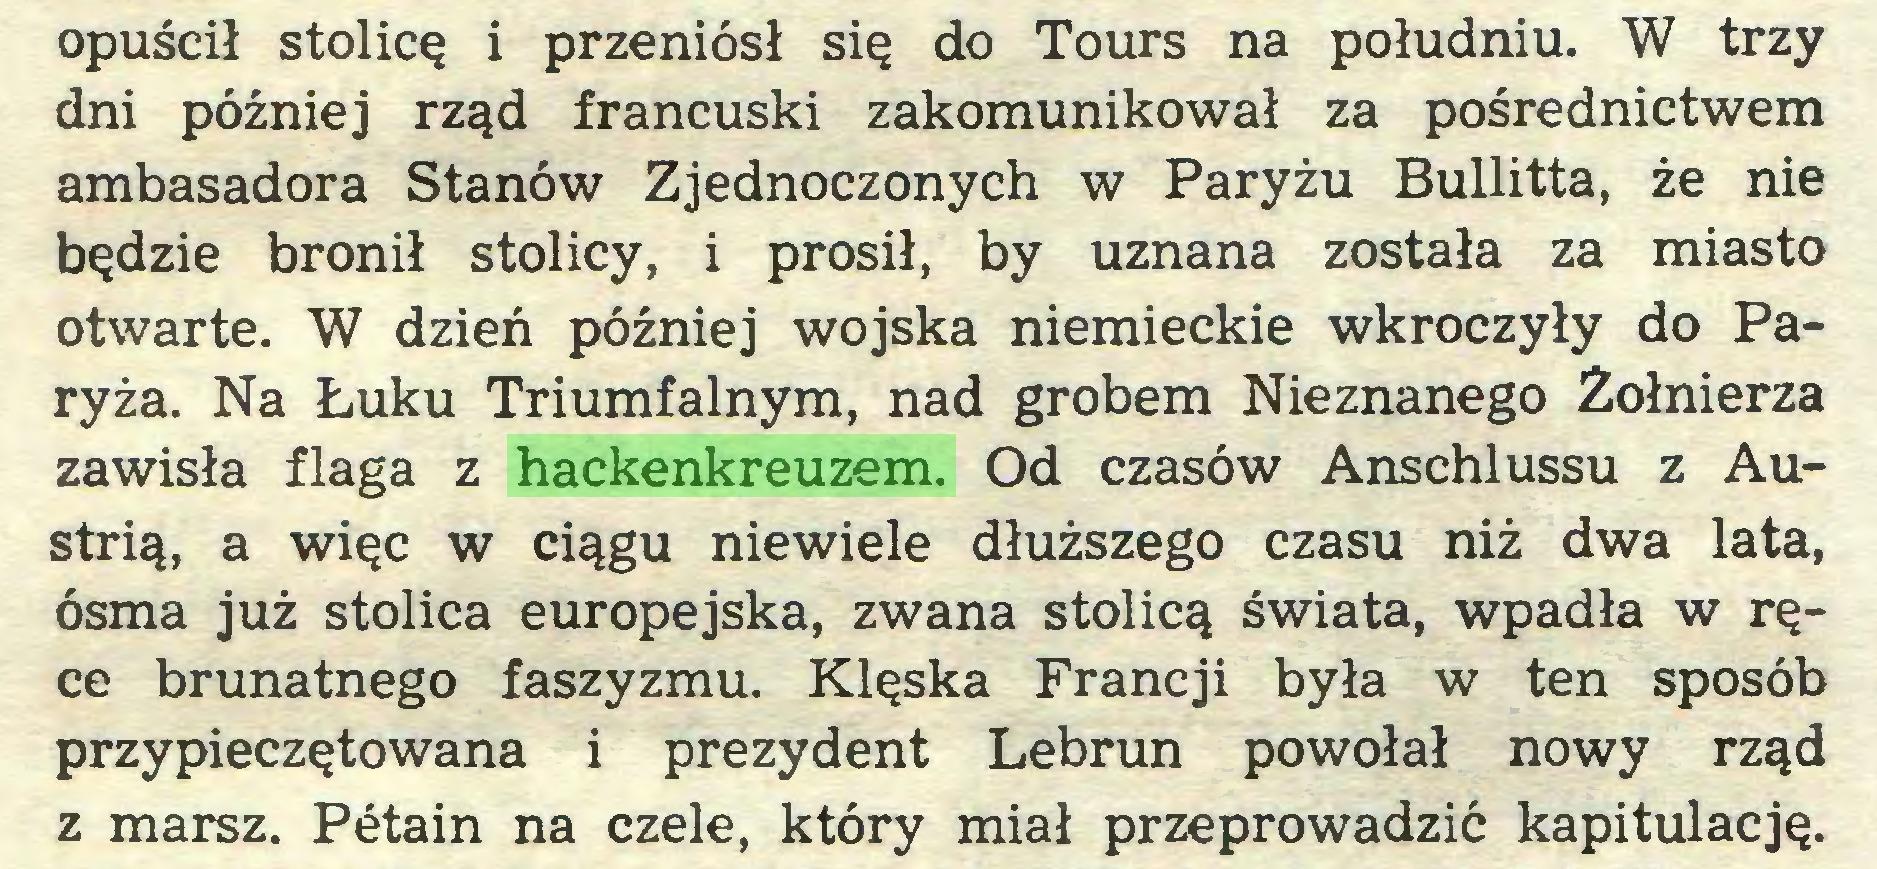 (...) opuścił stolicę i przeniósł się do Tours na południu. W trzy dni później rząd francuski zakomunikował za pośrednictwem ambasadora Stanów Zjednoczonych w Paryżu Bullitta, że nie będzie bronił stolicy, i prosił, by uznana została za miasto otwarte. W dzień później wojska niemieckie wkroczyły do Paryża. Na Łuku Triumfalnym, nad grobem Nieznanego Żołnierza zawisła flaga z hackenkreuzem. Od czasów Anschlussu z Austrią, a więc w ciągu niewiele dłuższego czasu niż dwa lata, ósma już stolica europejska, zwana stolicą świata, wpadła w ręce brunatnego faszyzmu. Klęska Francji była w ten sposób przypieczętowana i prezydent Lebrun powołał nowy rząd z marsz. Pétain na czele, który miał przeprowadzić kapitulację...